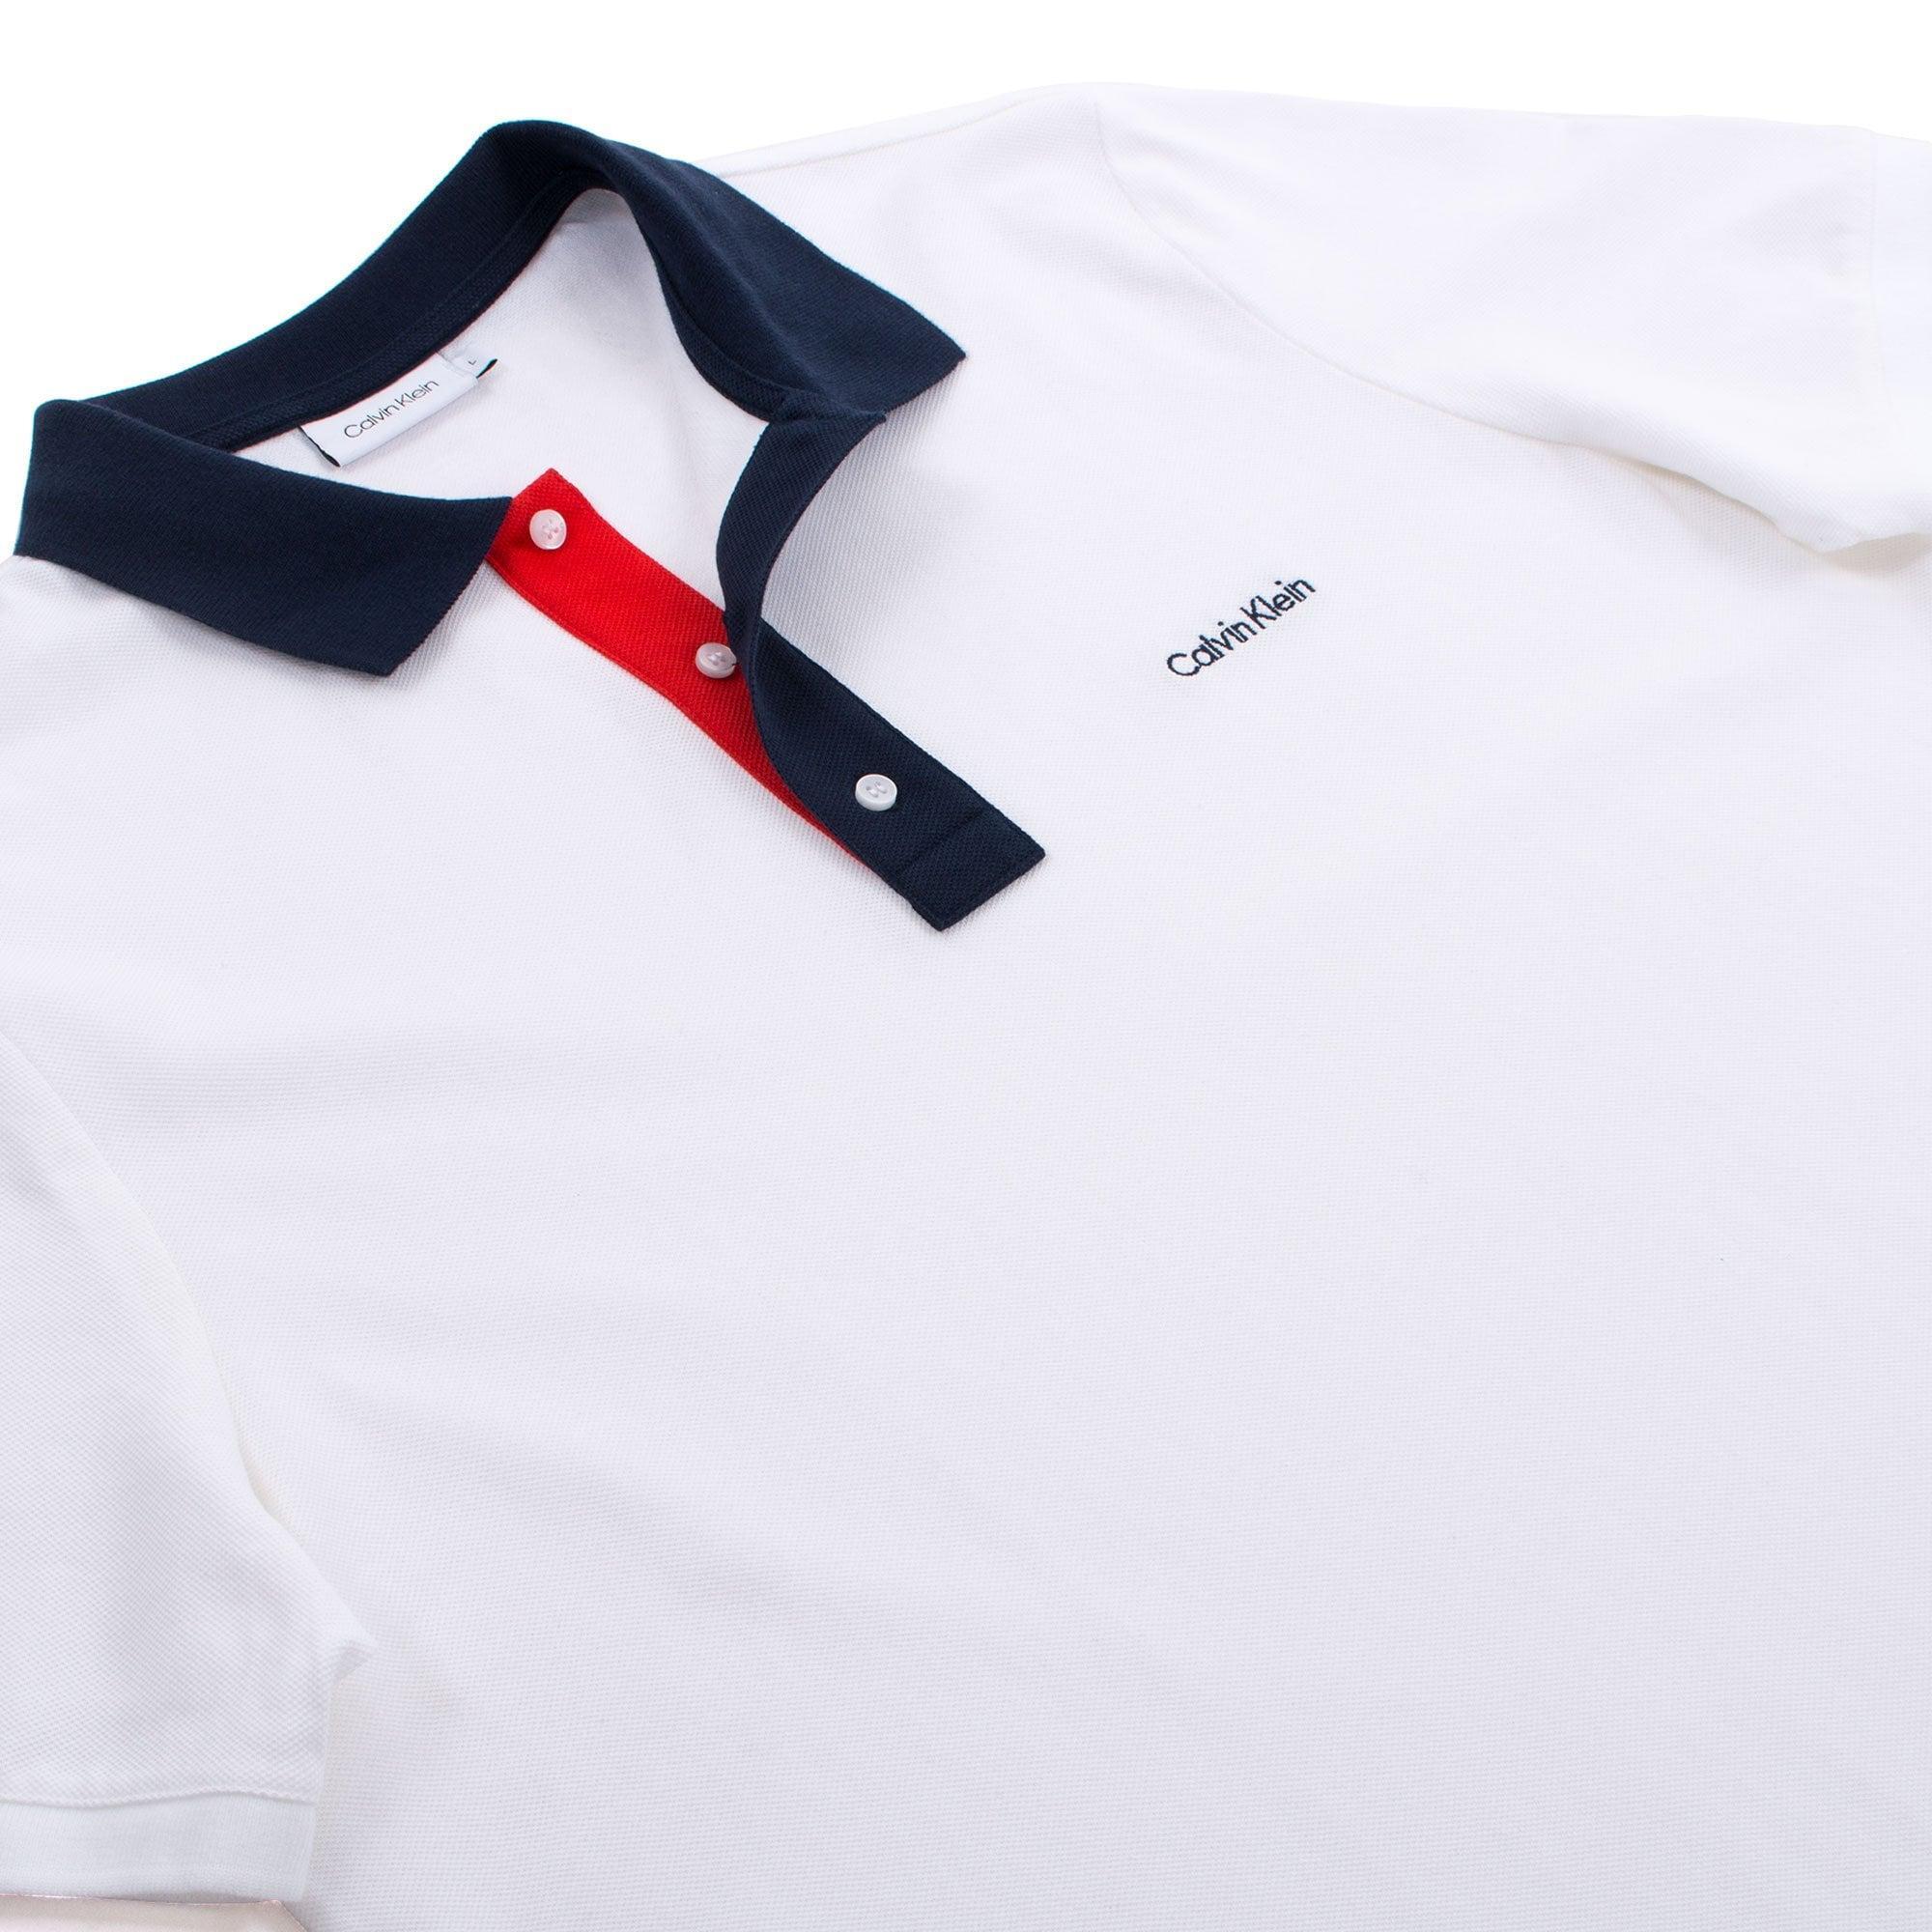 6e994e59a Calvin Klein - White Contrast Collar Pique Polo for Men - Lyst. View  fullscreen